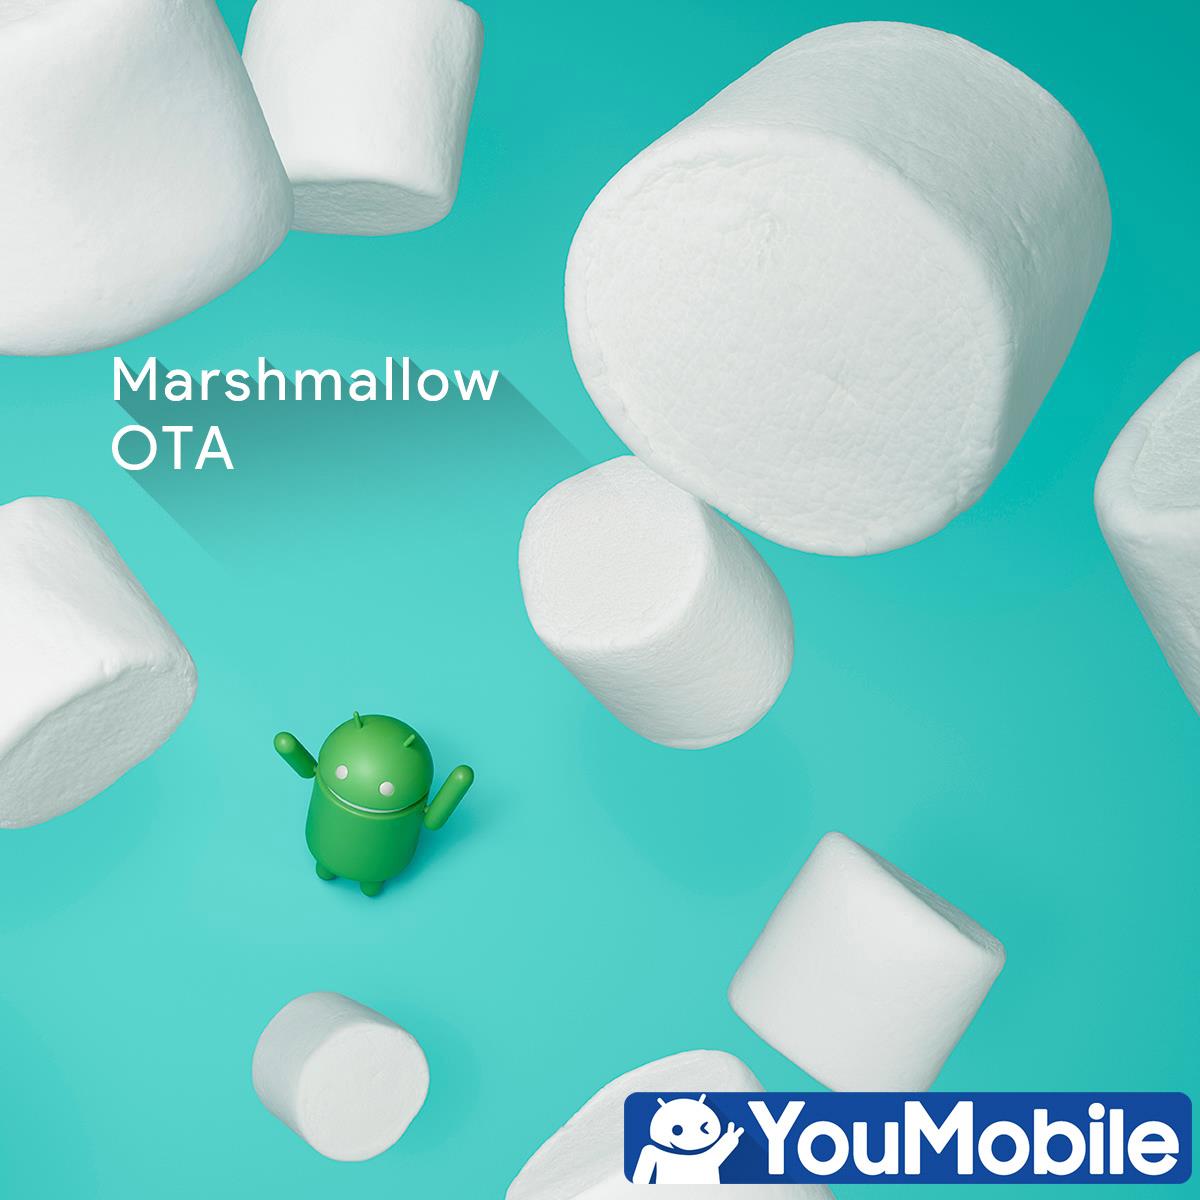 Marshmallow OTA Nexus